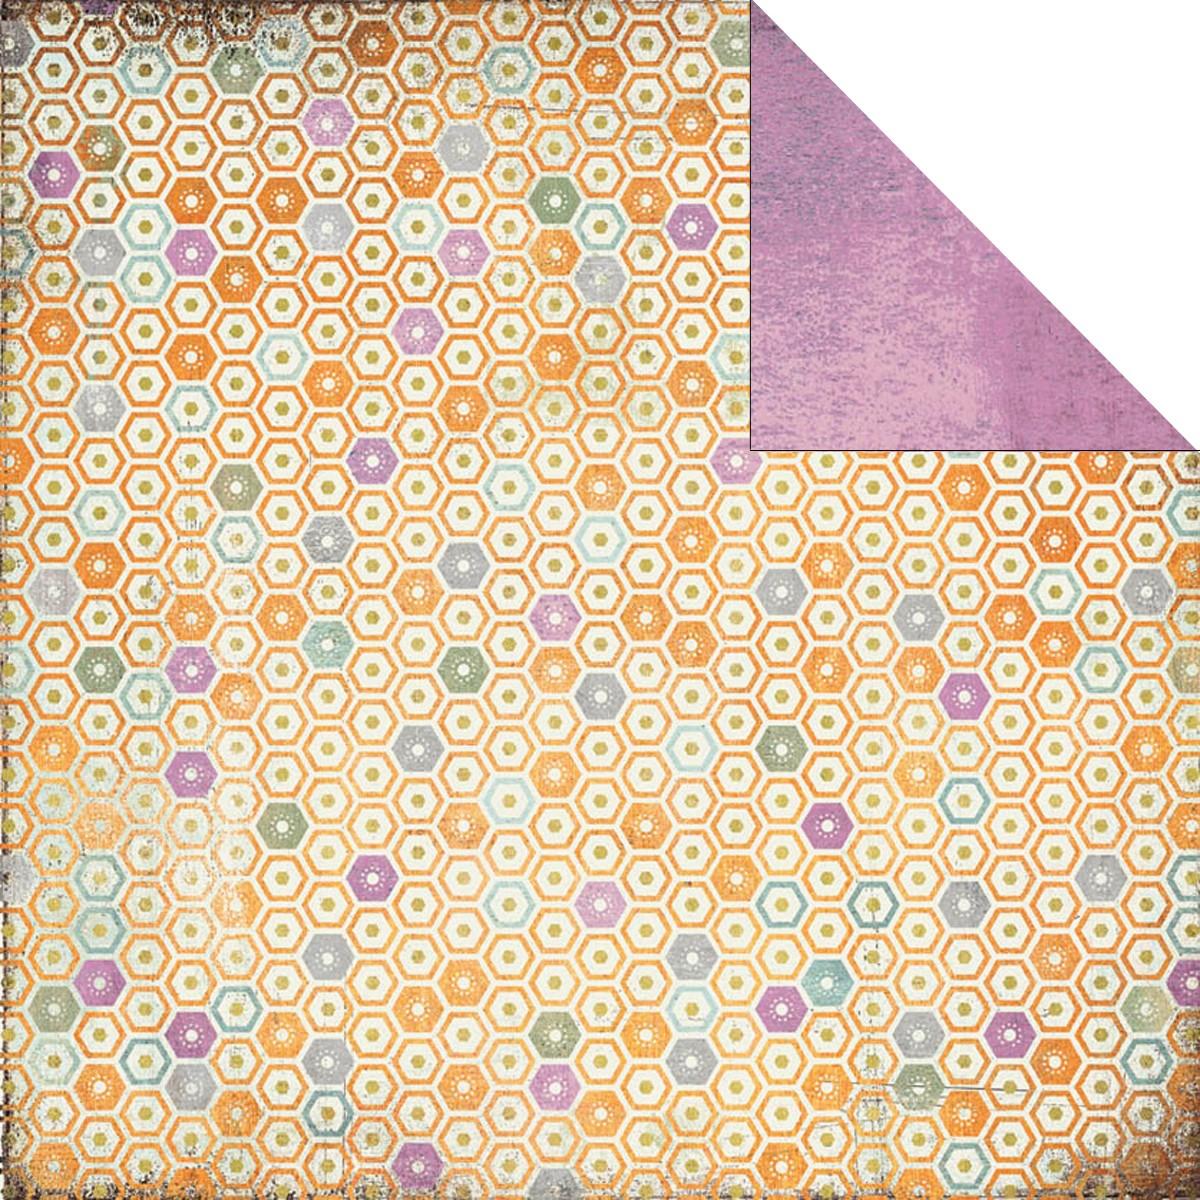 Двусторонняя бумага для скрапбукинга Moonstone 30х30 см от Basic Grey